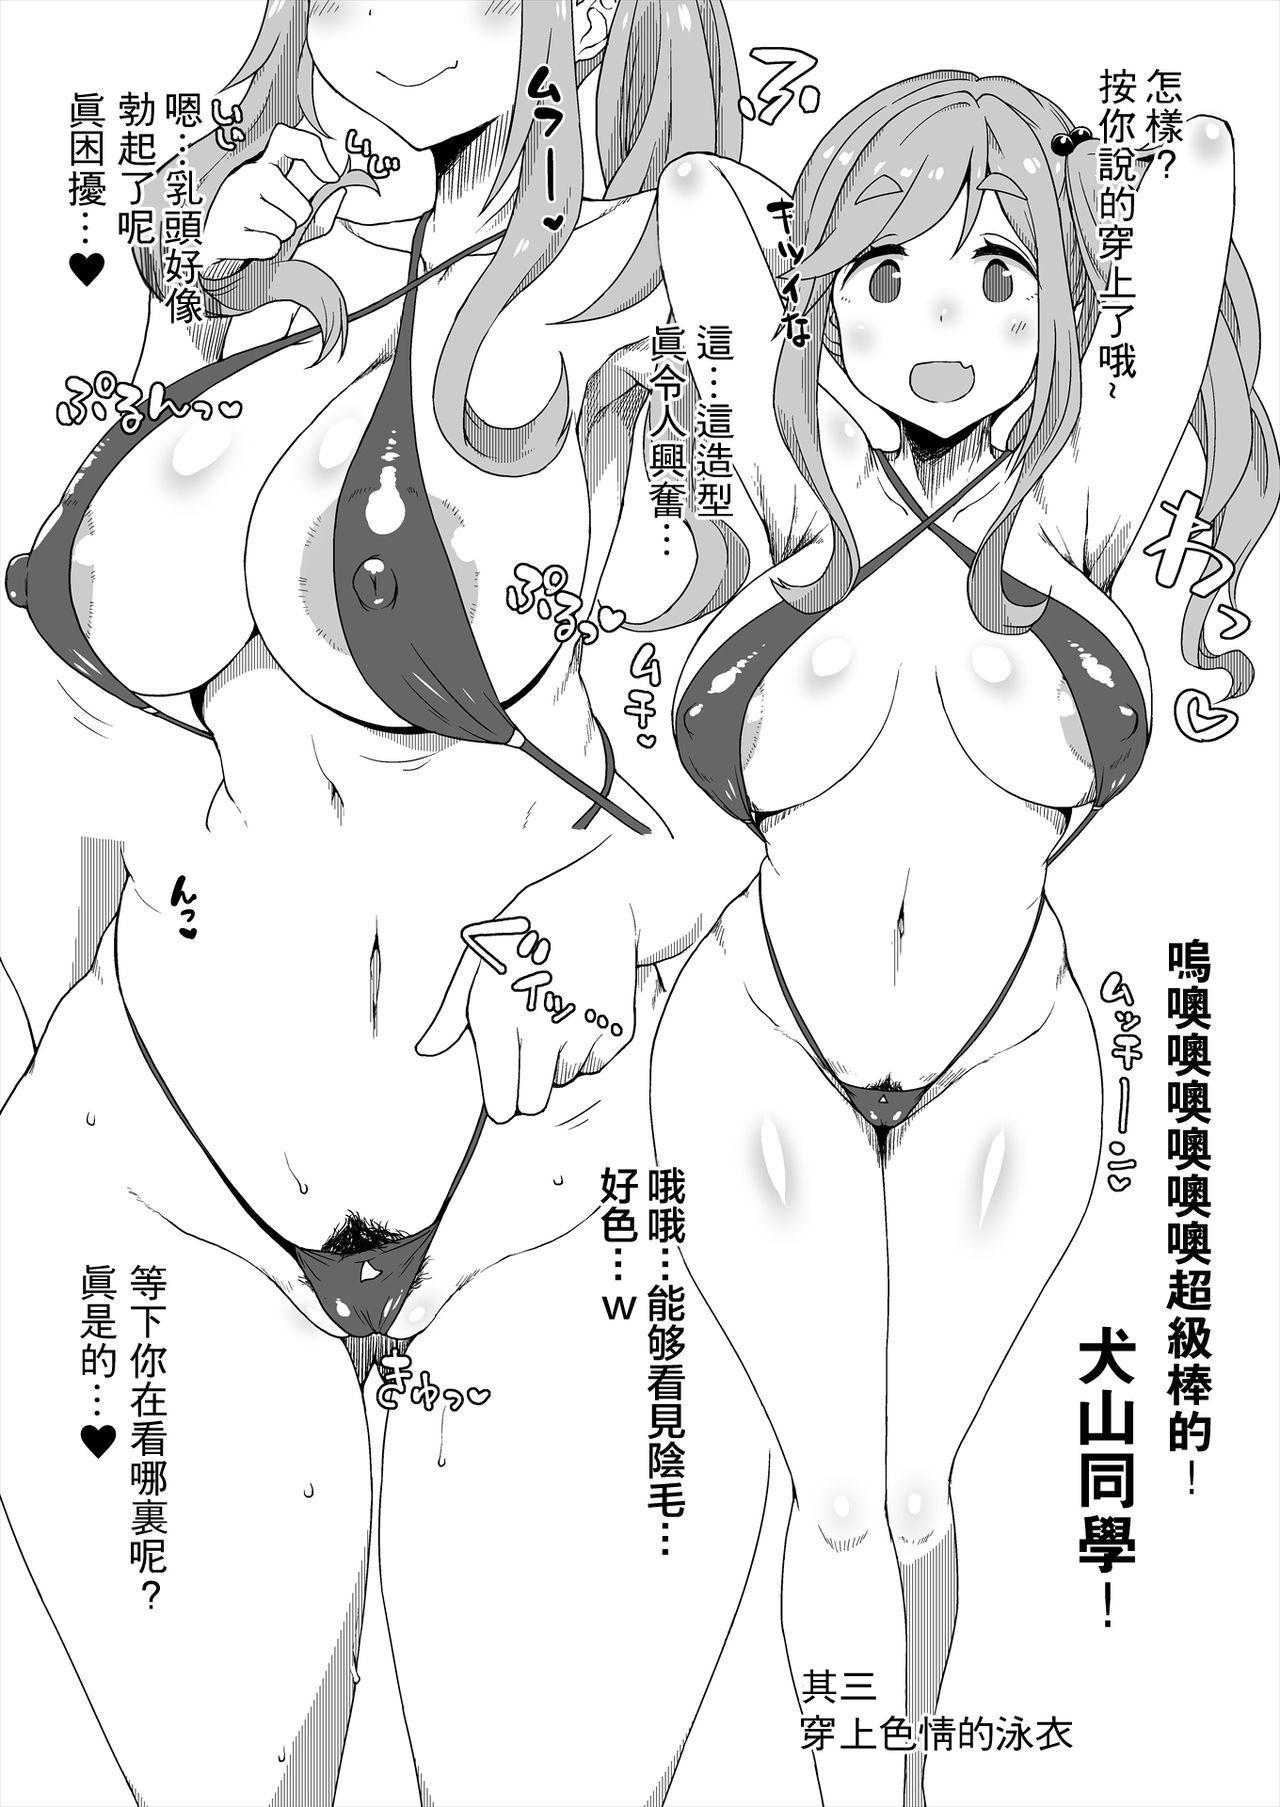 Omake no Matome+ 23